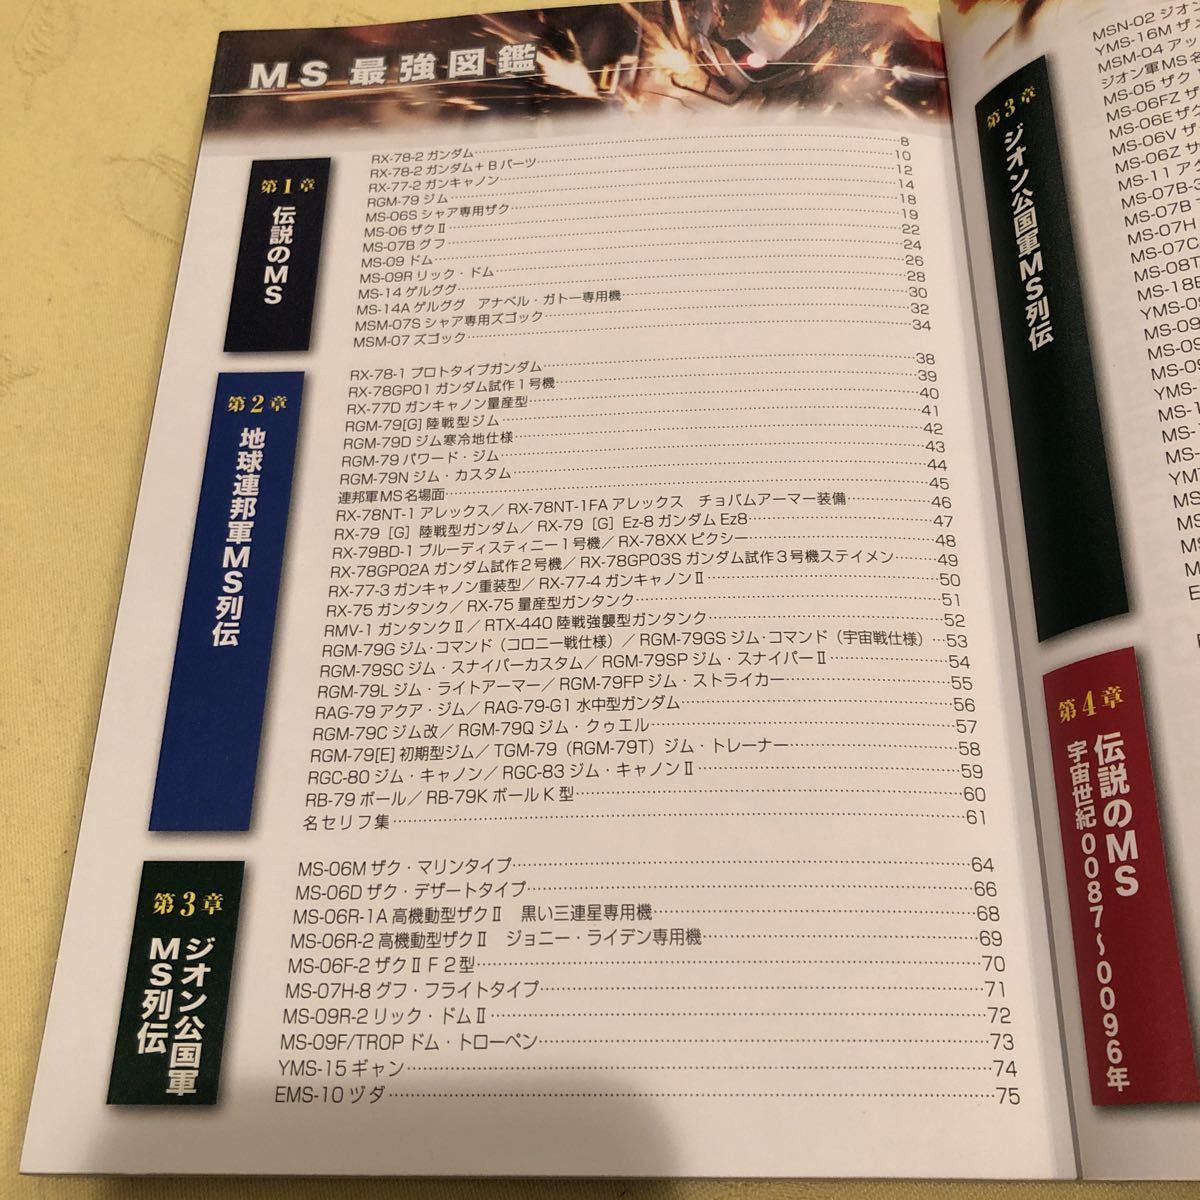 機動戦士ガンダム モビルスーツ最強図鑑 美品 富野由悠季_画像4